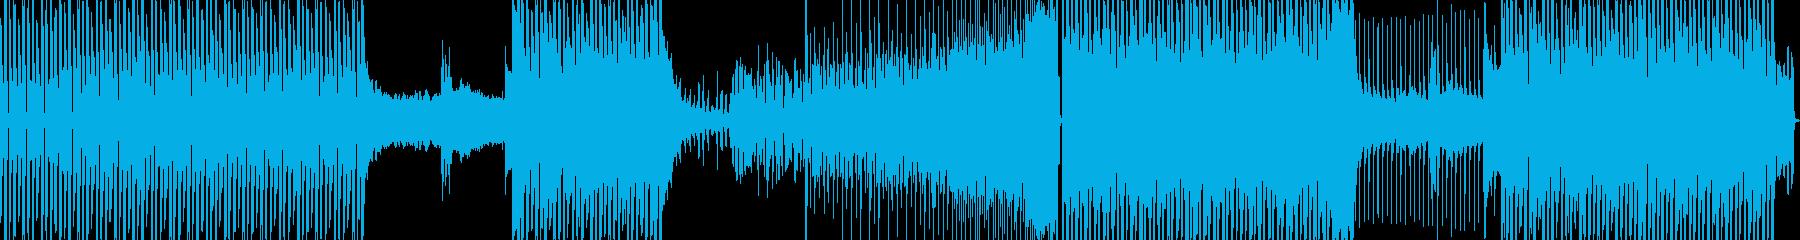 キャッチーなシンセポップ。デビッド...の再生済みの波形